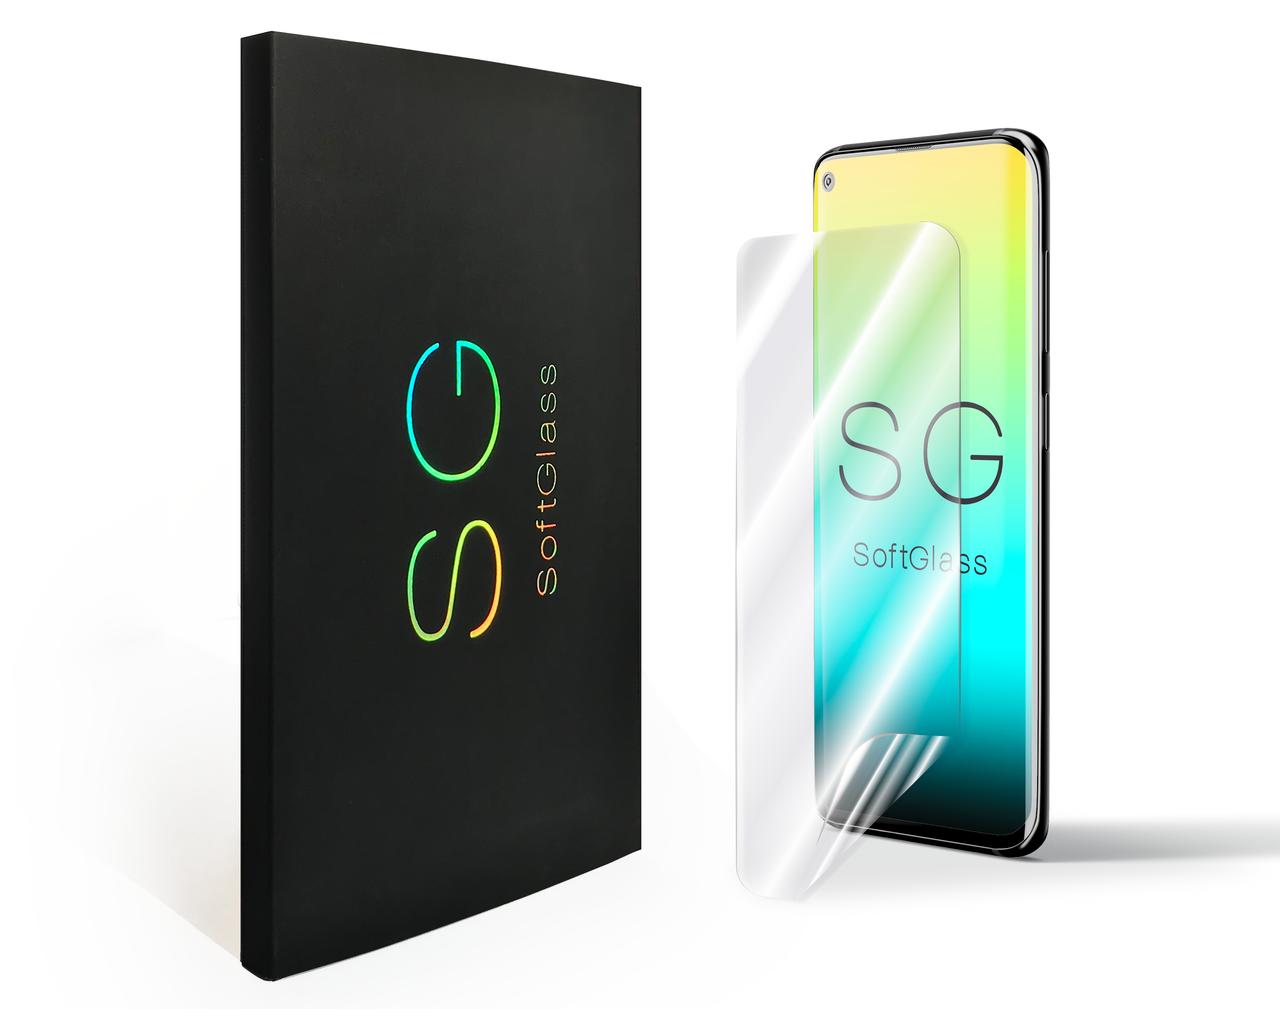 Мягкое стекло для Motorola G3 XT1540 SoftGlass Экран